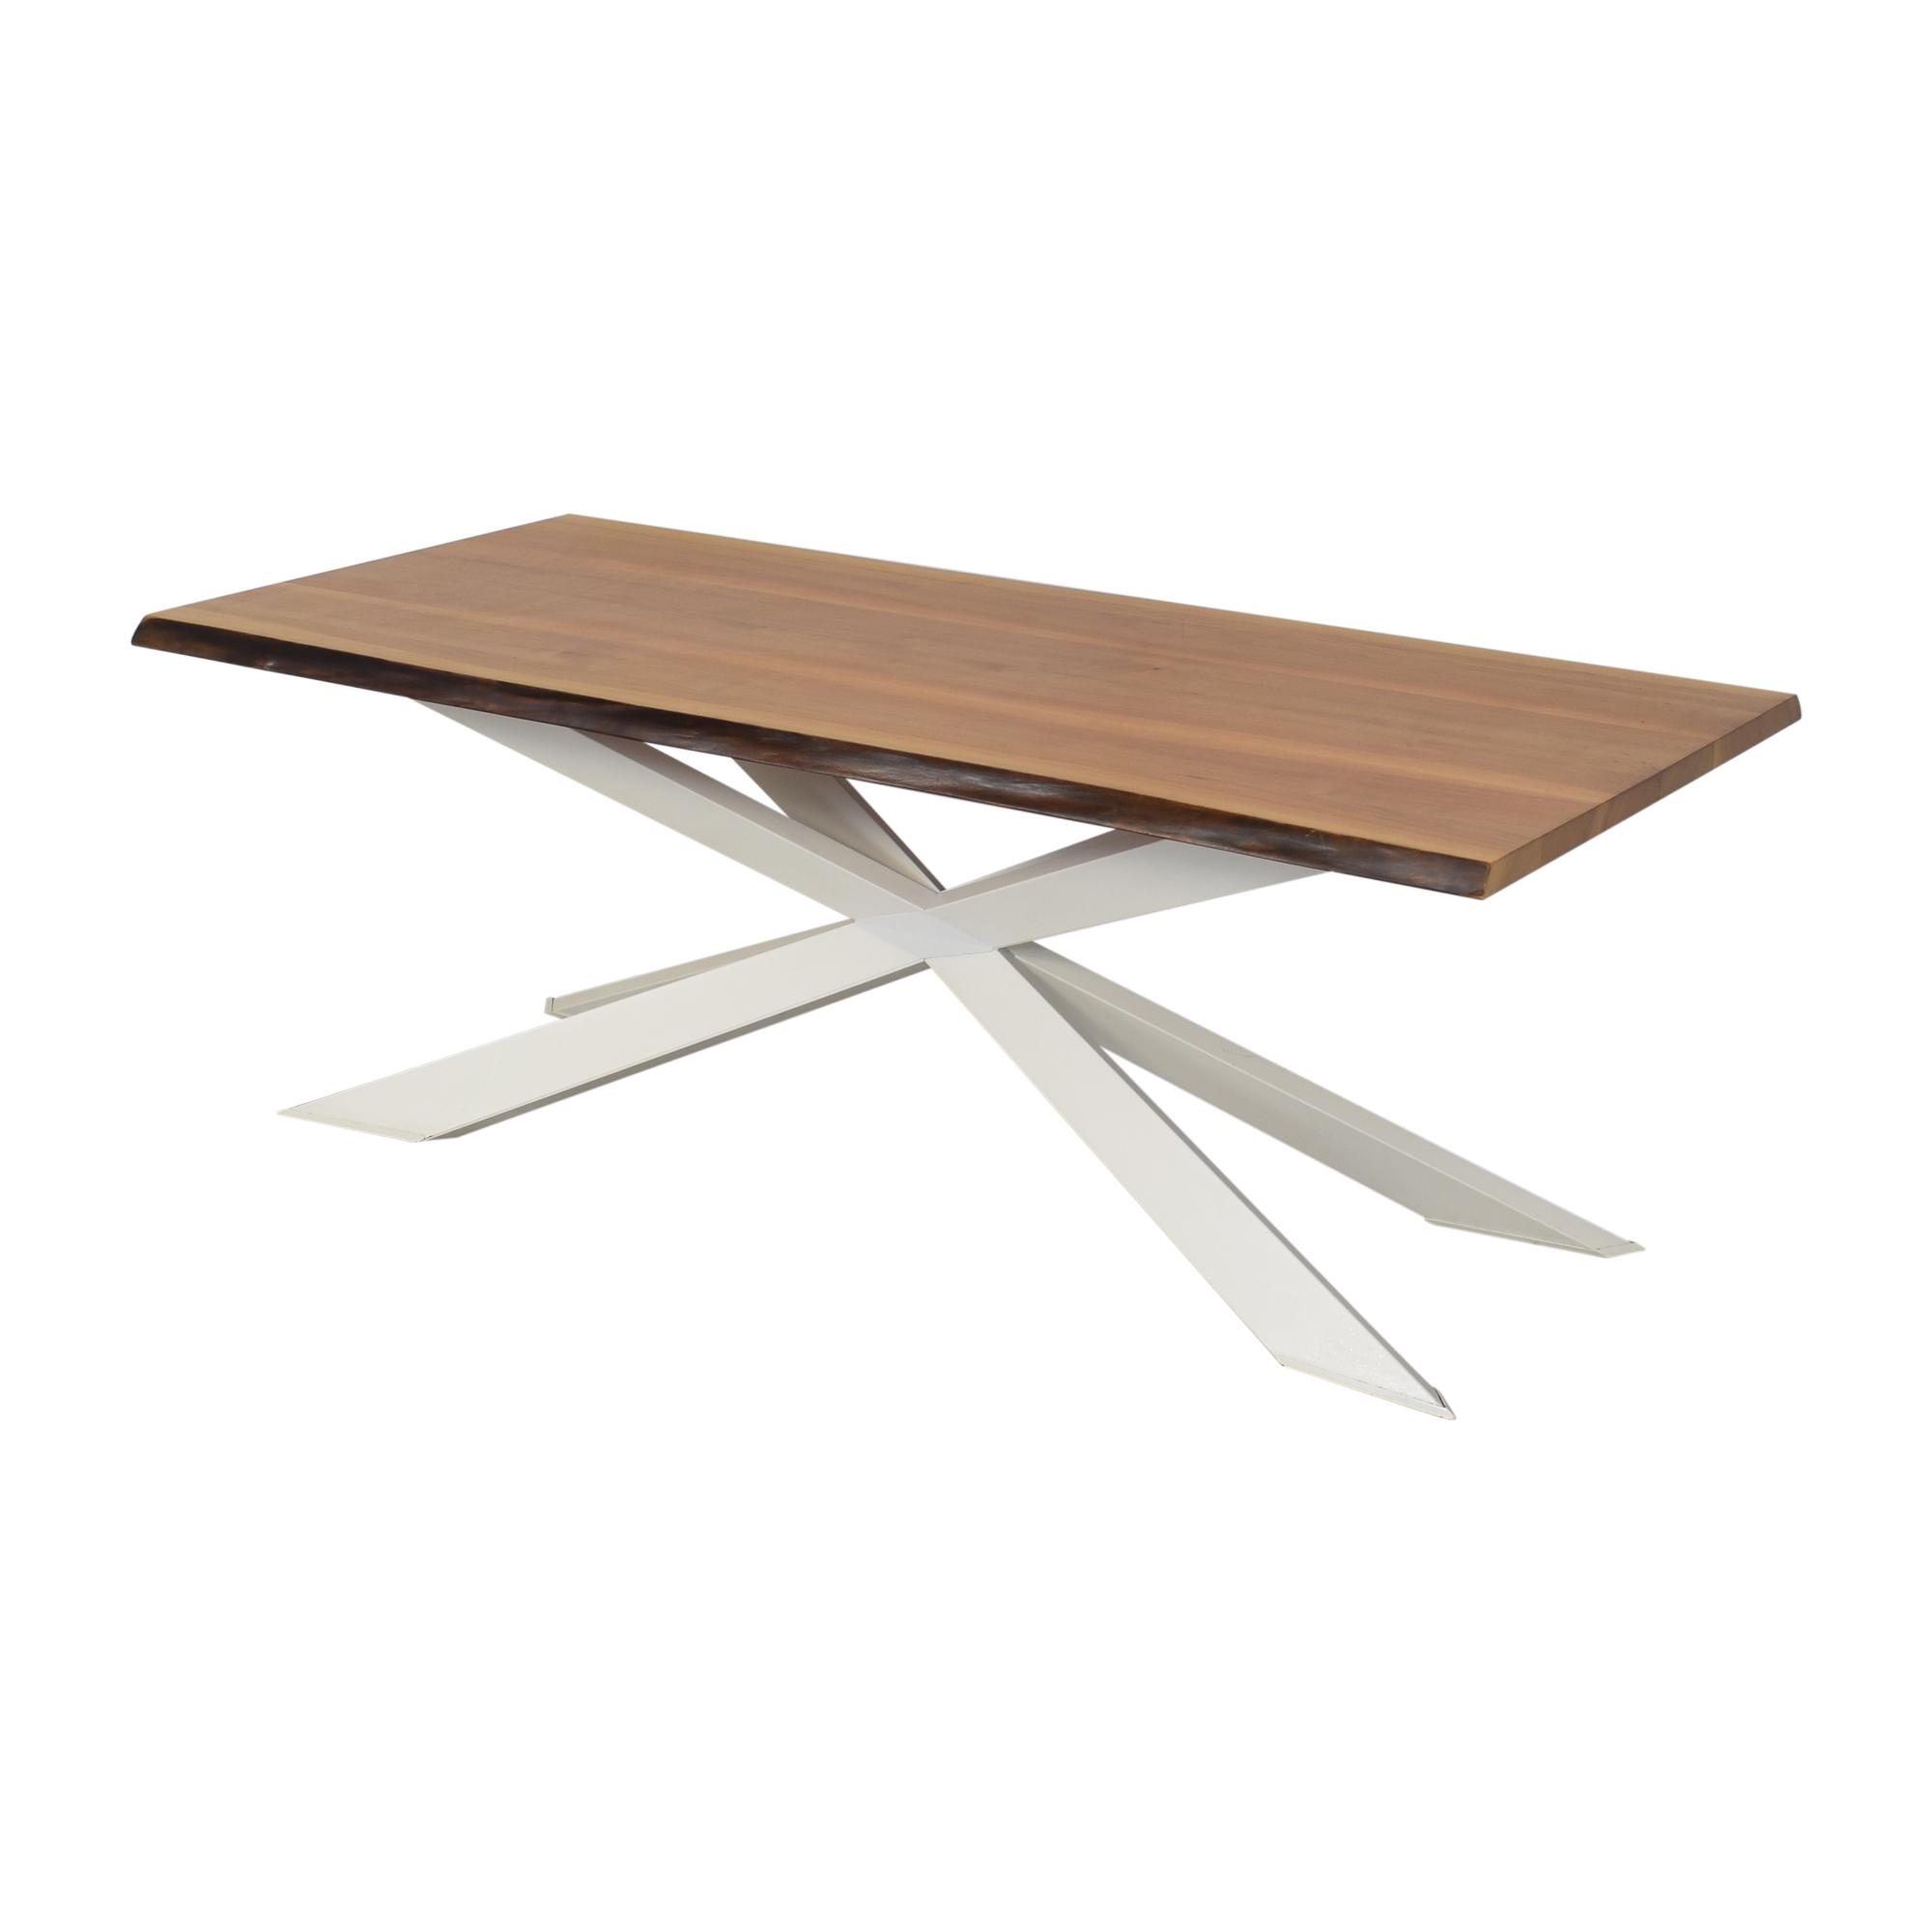 Cattelan Italia Cattelan Italia Spyder Dining Table for sale